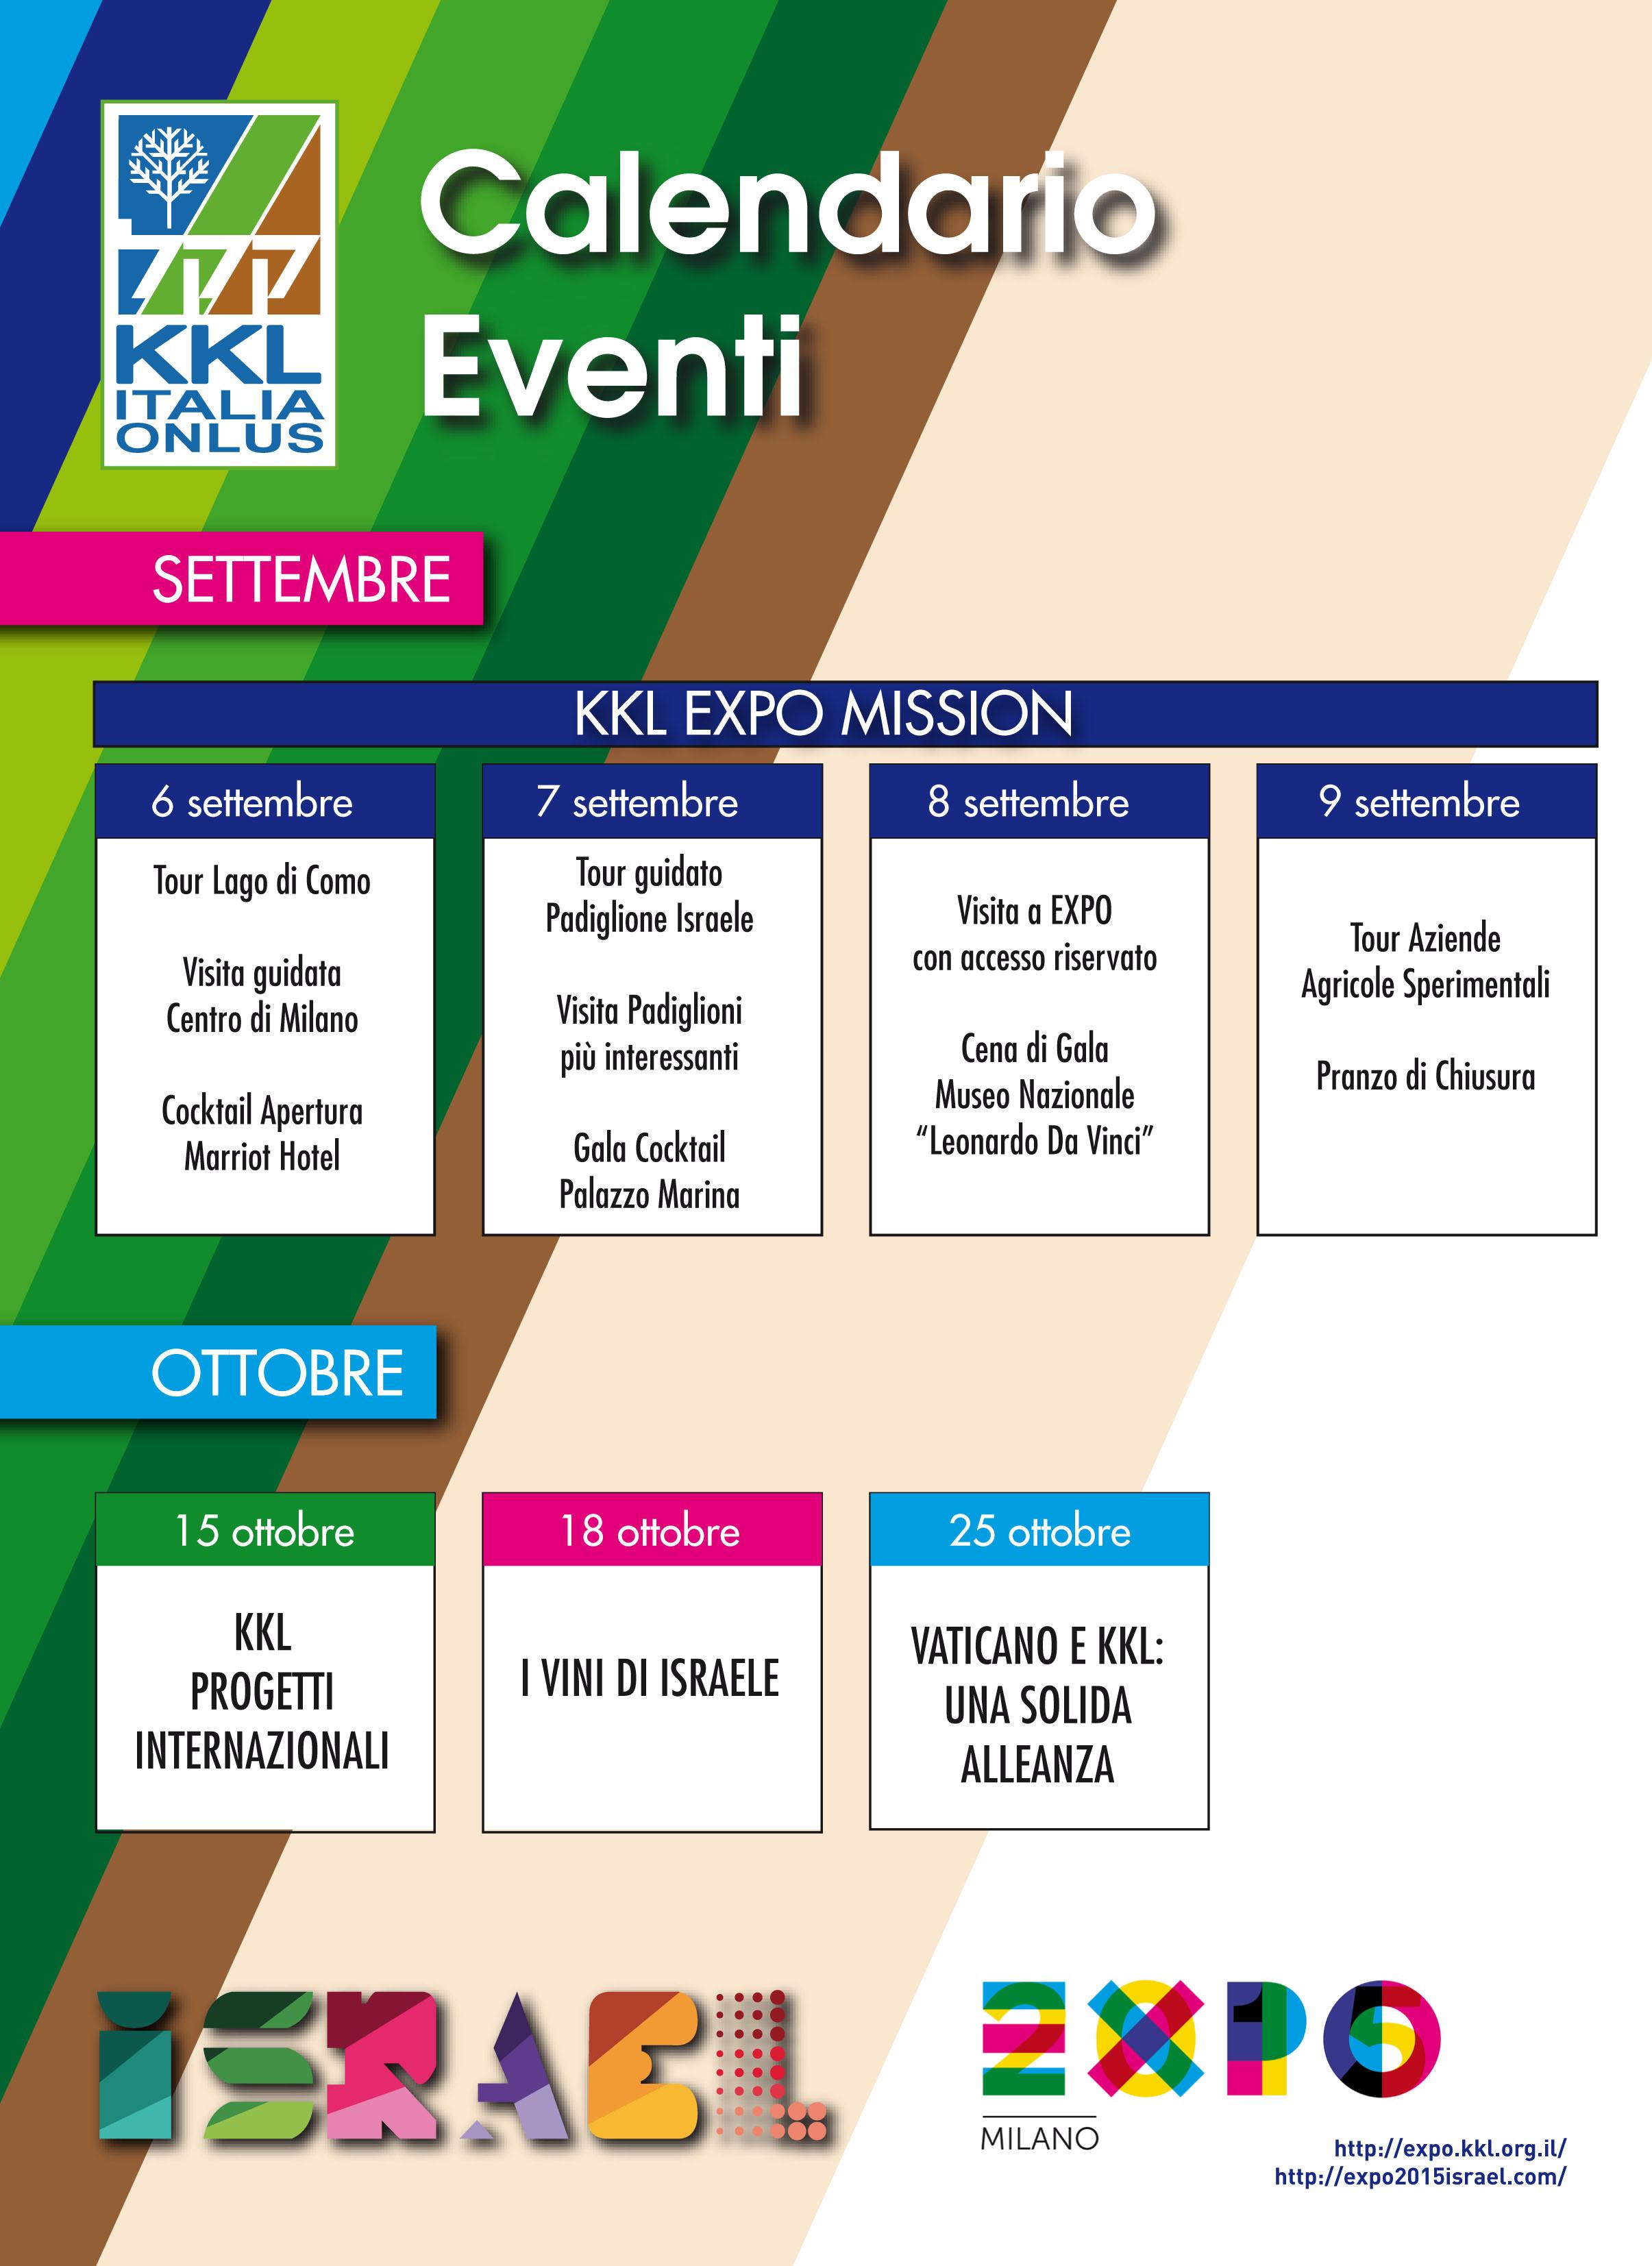 Calendario Eventi.Calendario Eventi Kkl Italia Onlus